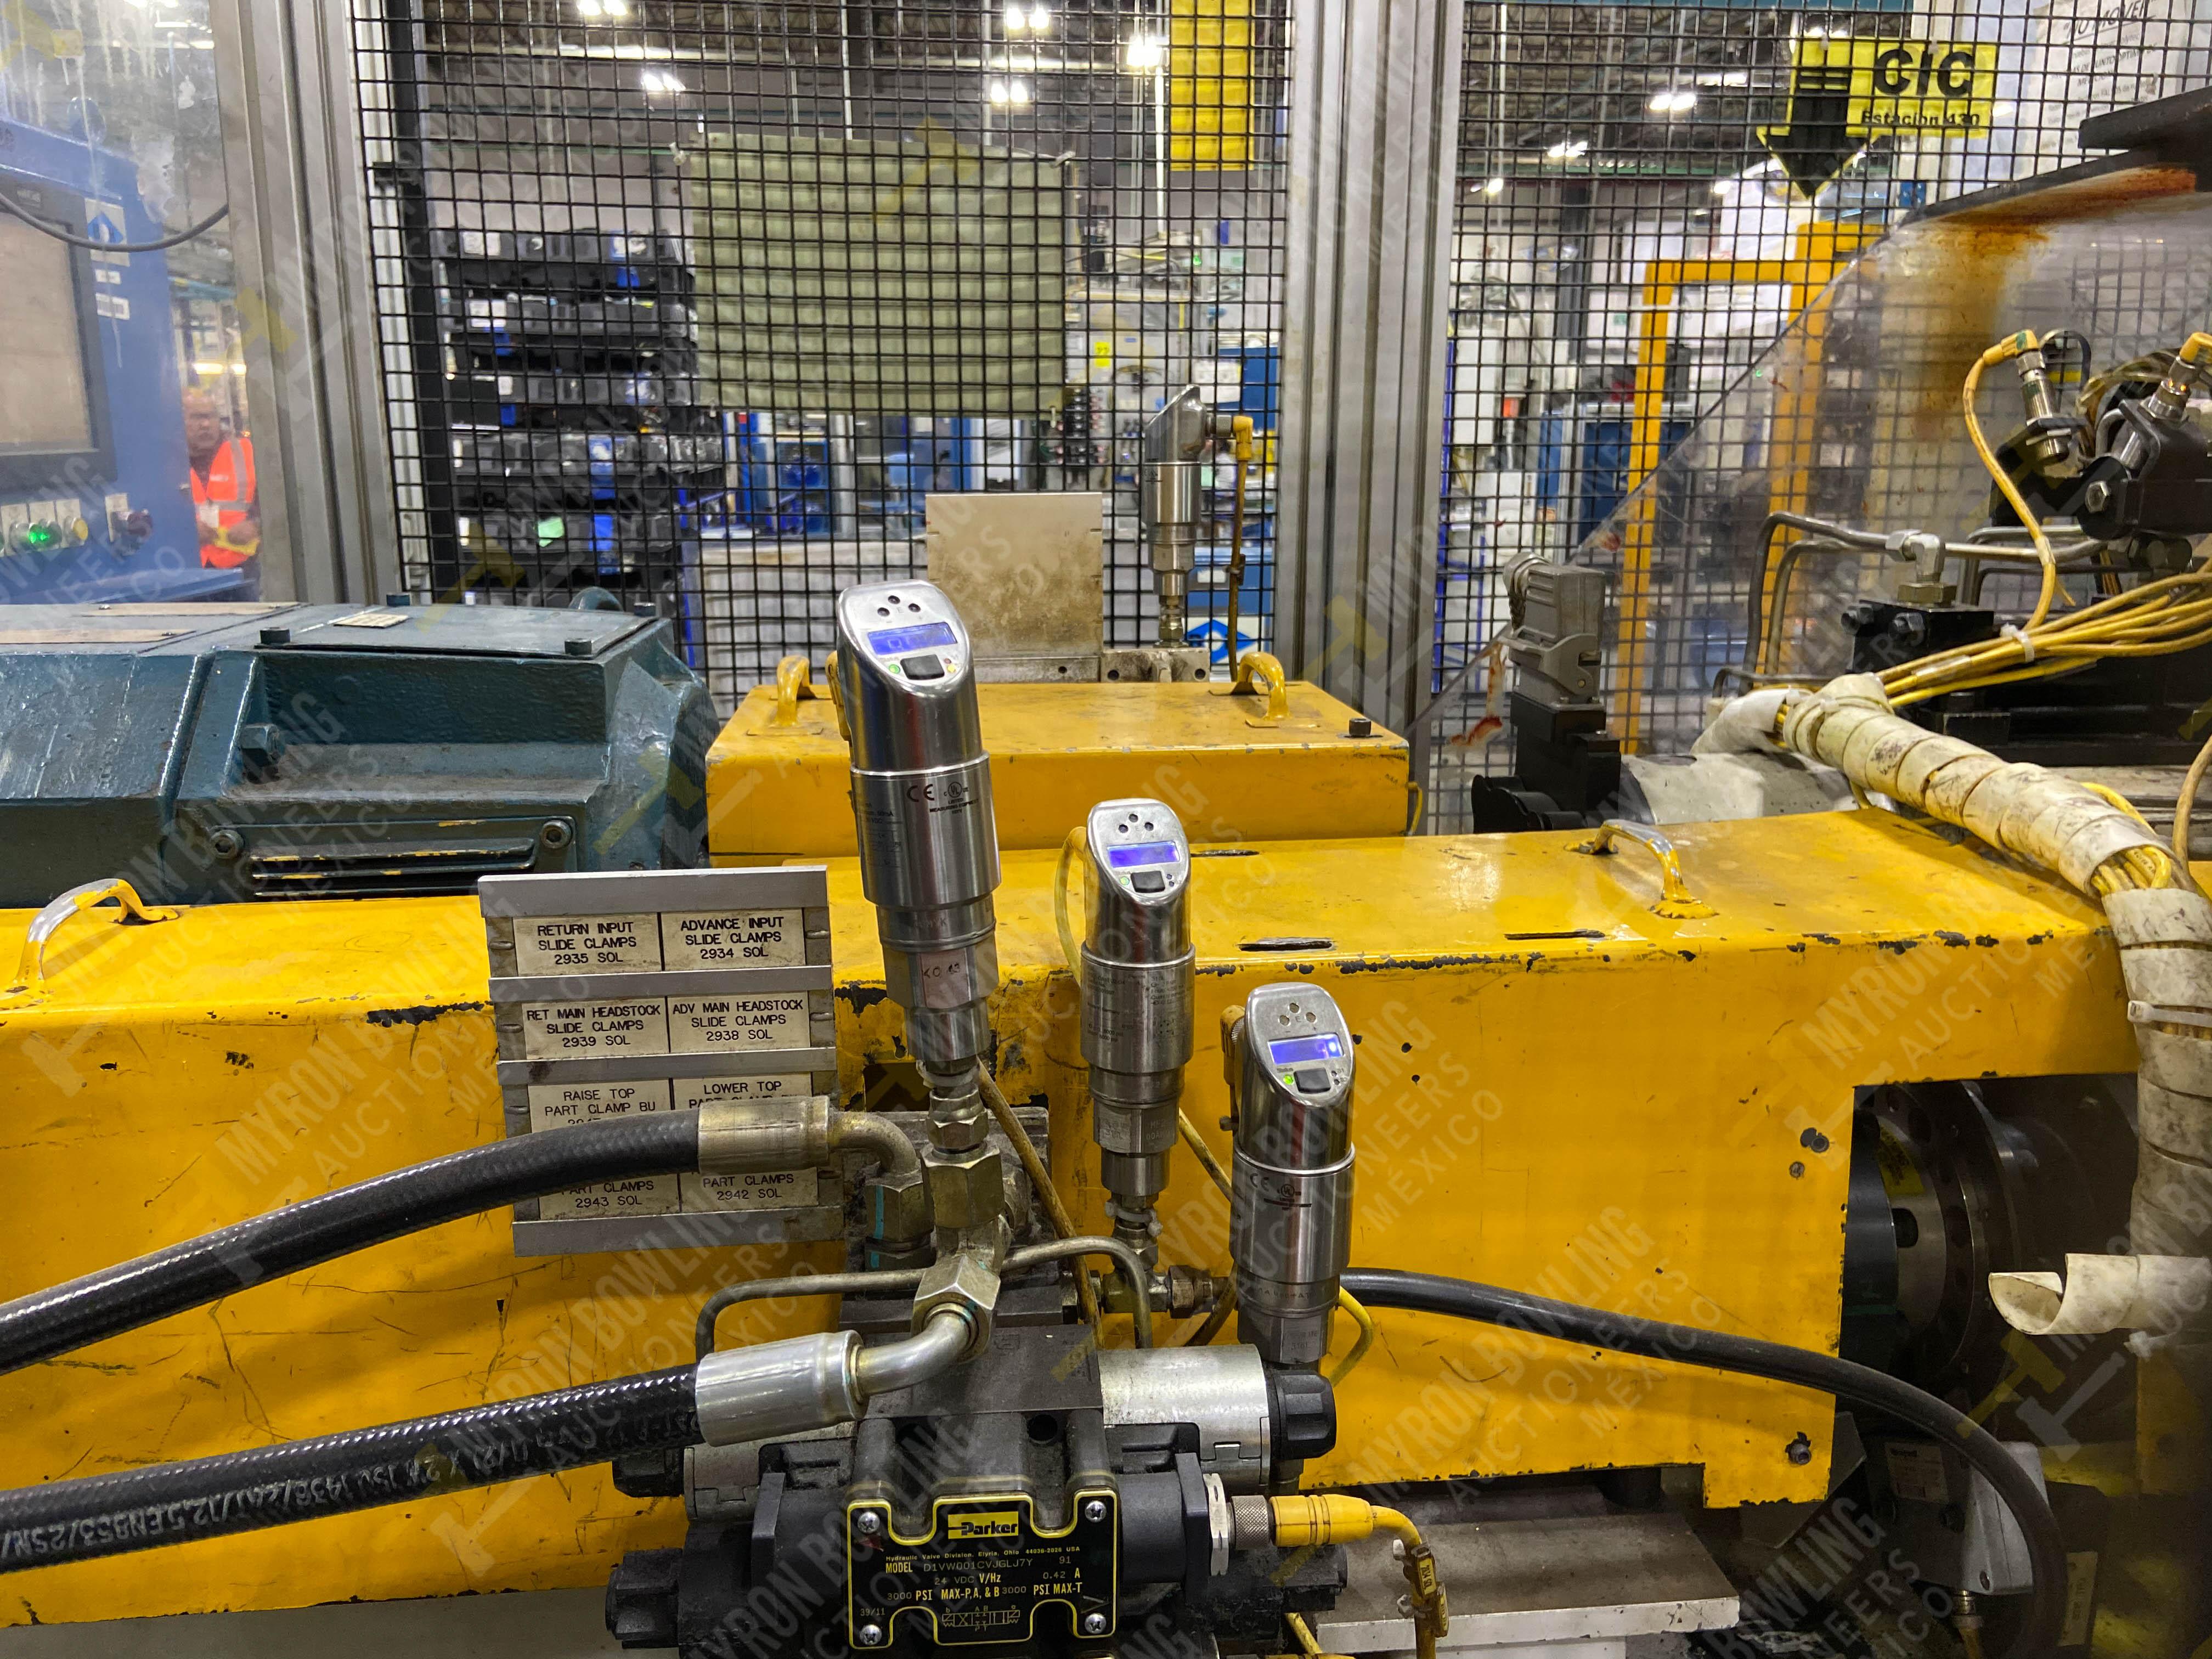 Estación semiautomática para operación 430, contiene: Máquina dinamómetro con sistema de revolución - Image 22 of 32